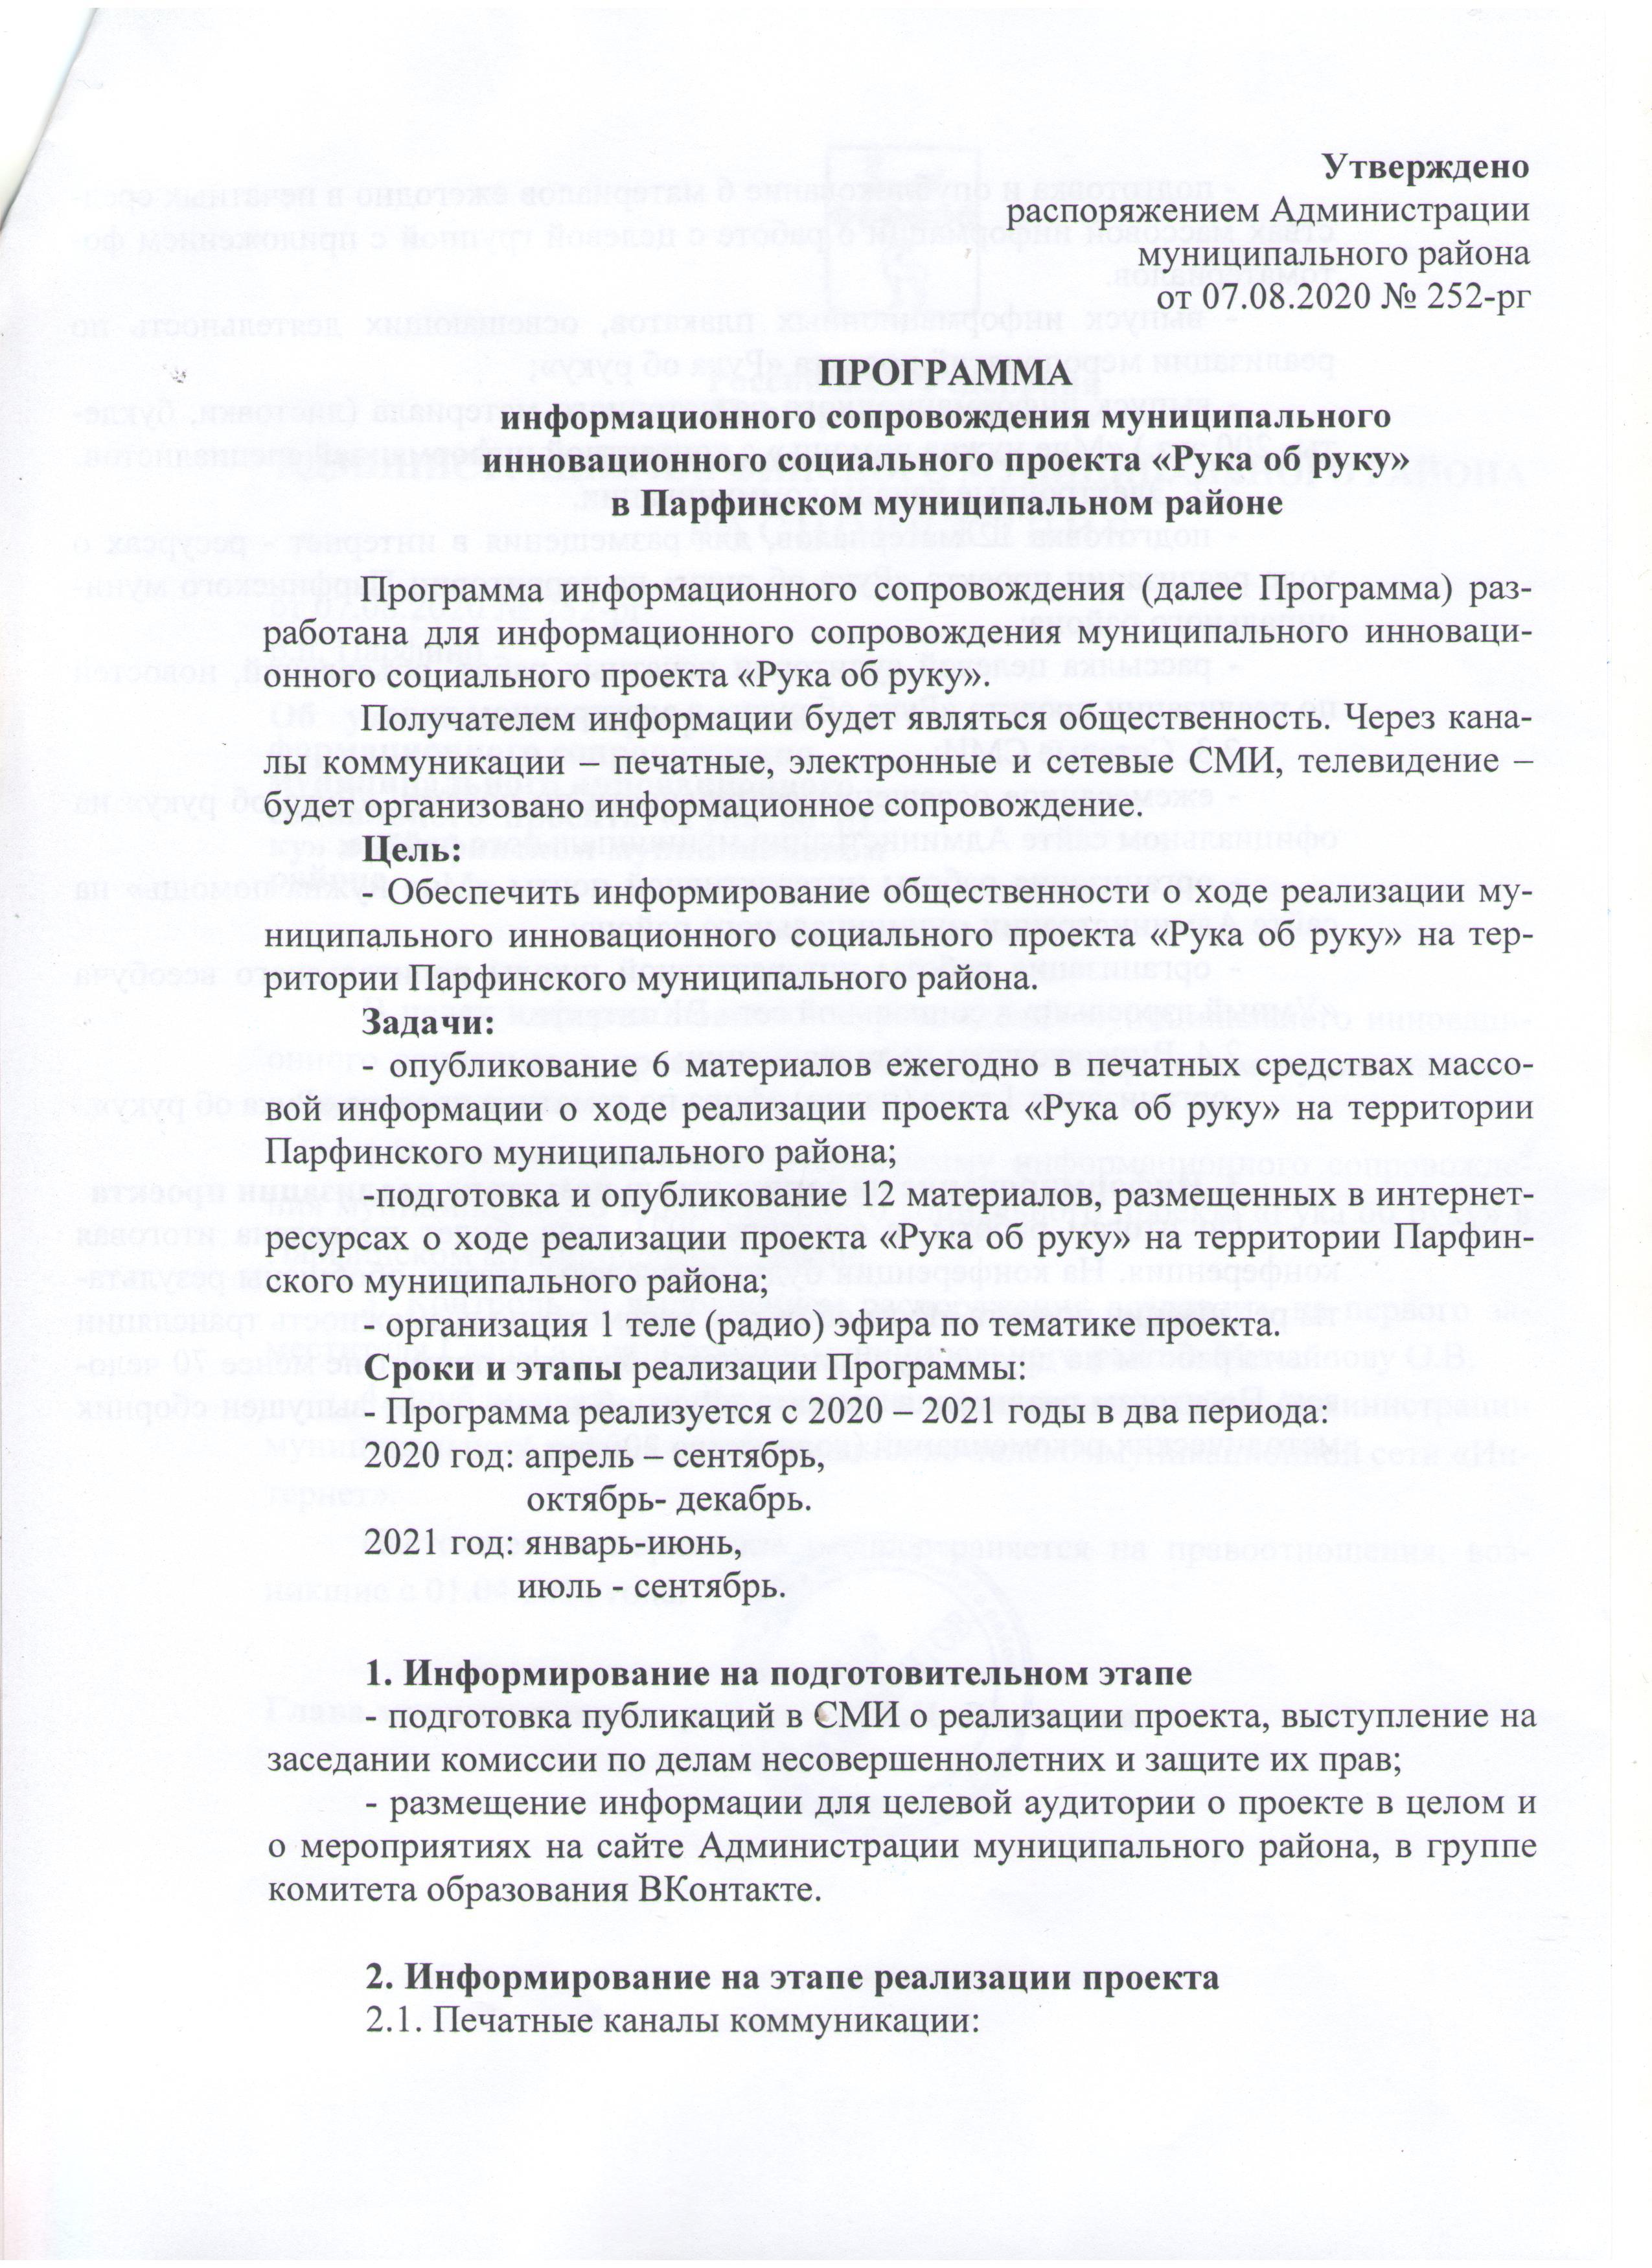 Image (2) (2)